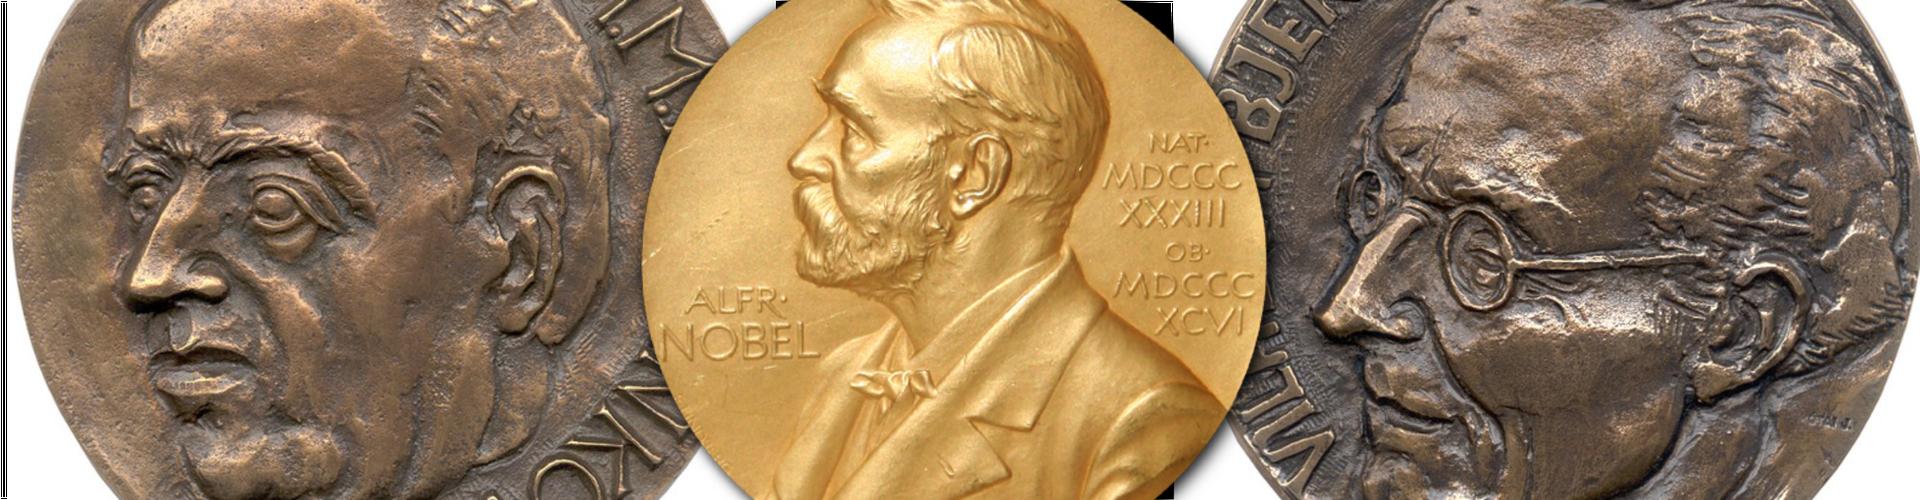 Nobel Prize winners-header.png